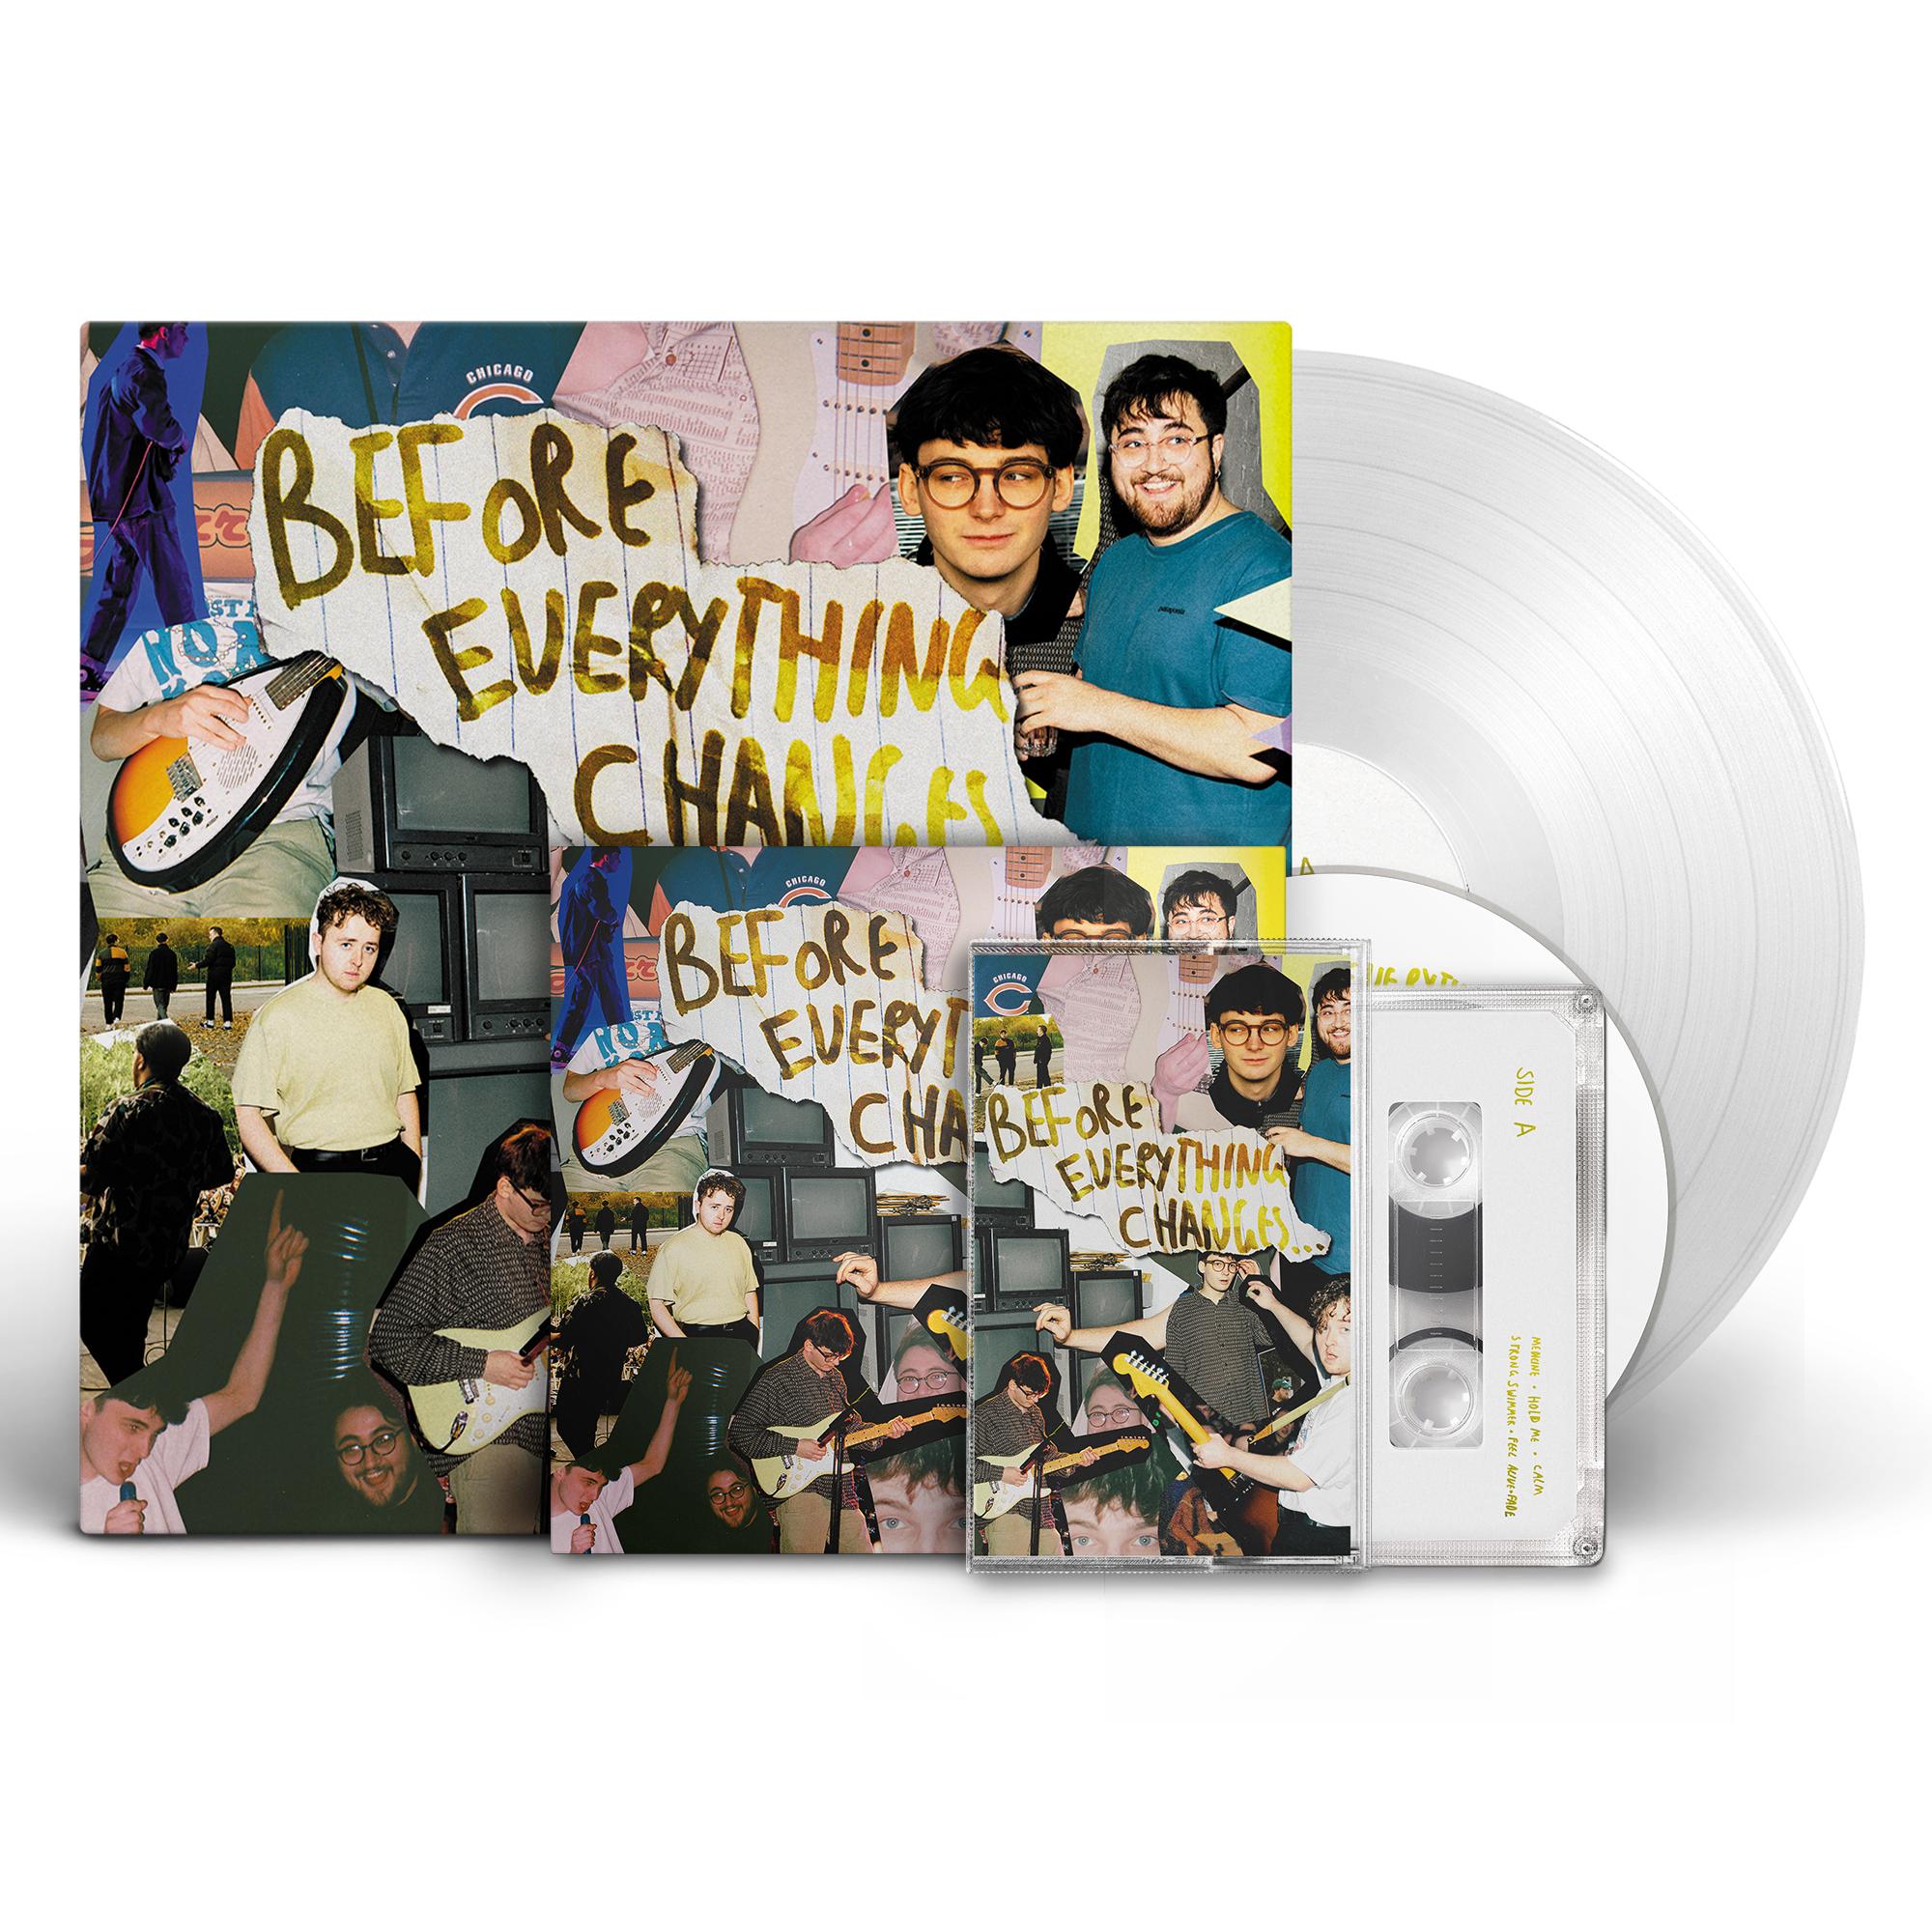 Super Bundle - Vinyl + CD + Cassette